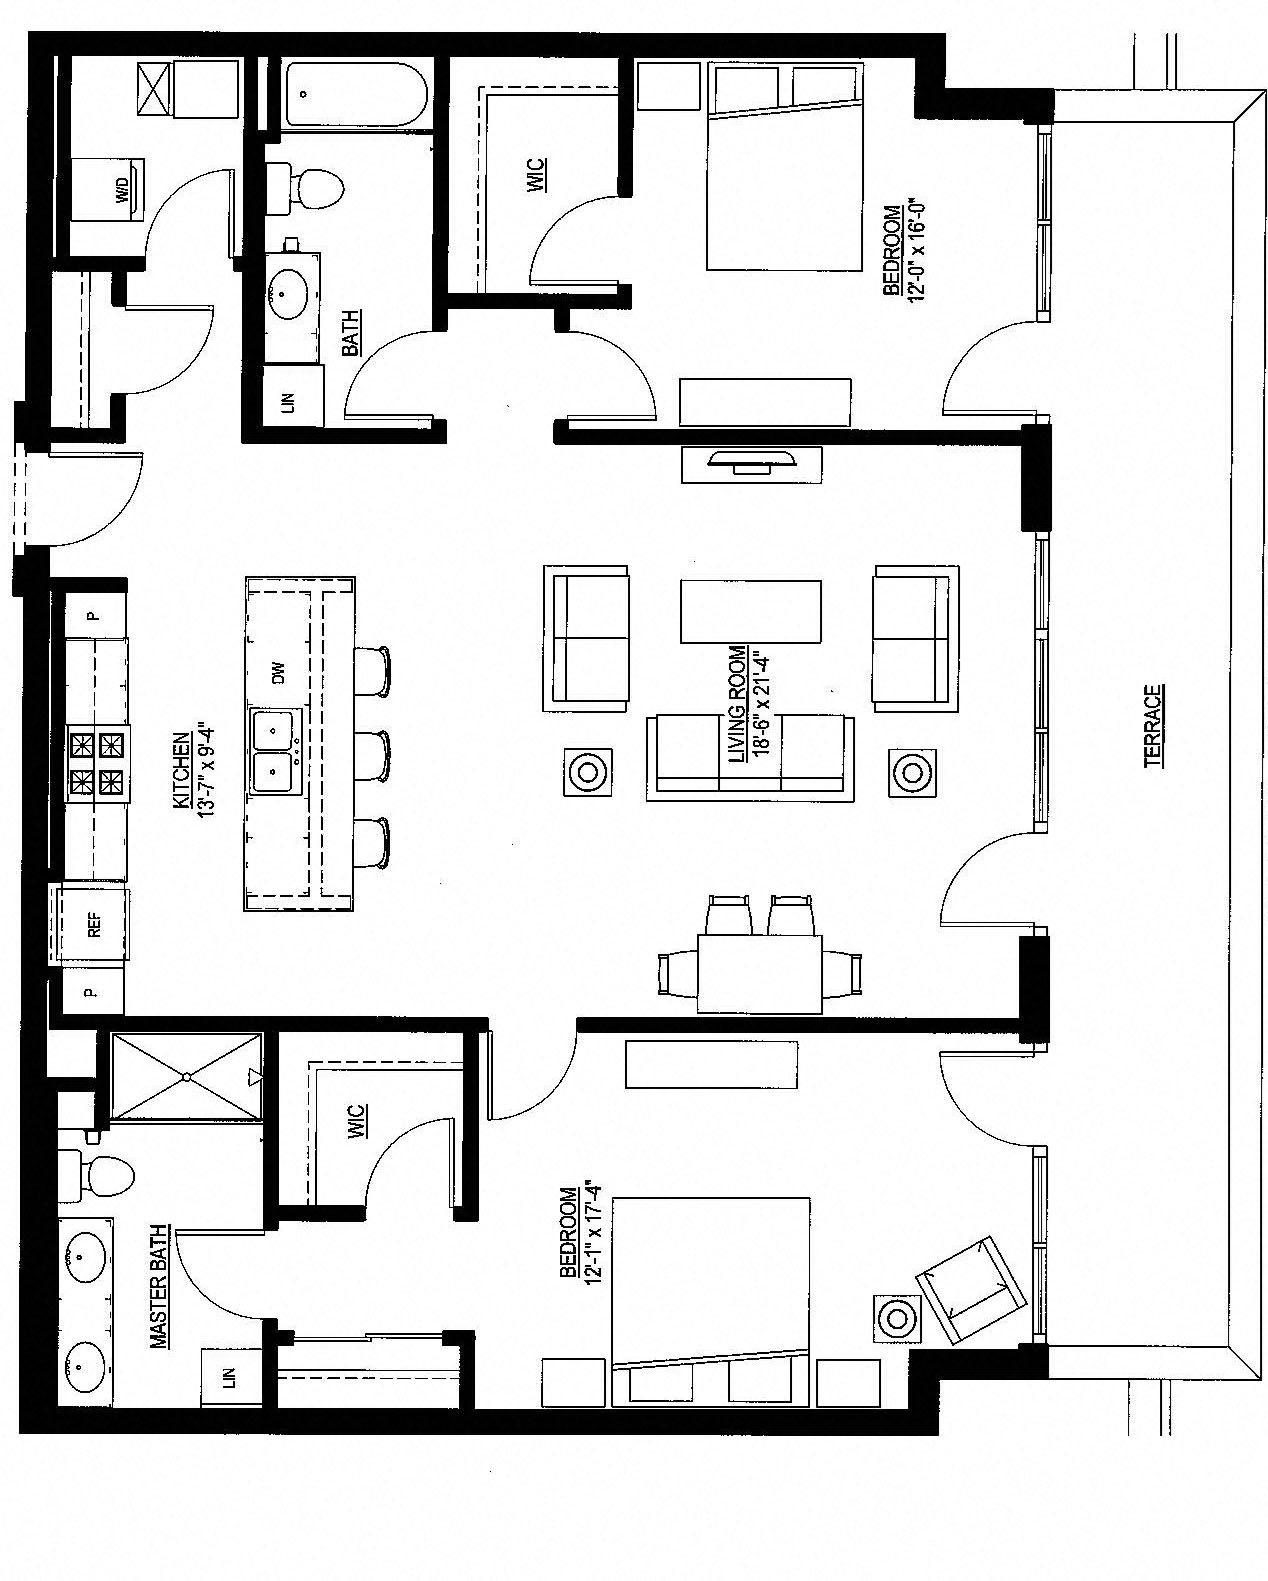 1412sf- Penthouse w/Balcony Floor Plan 10